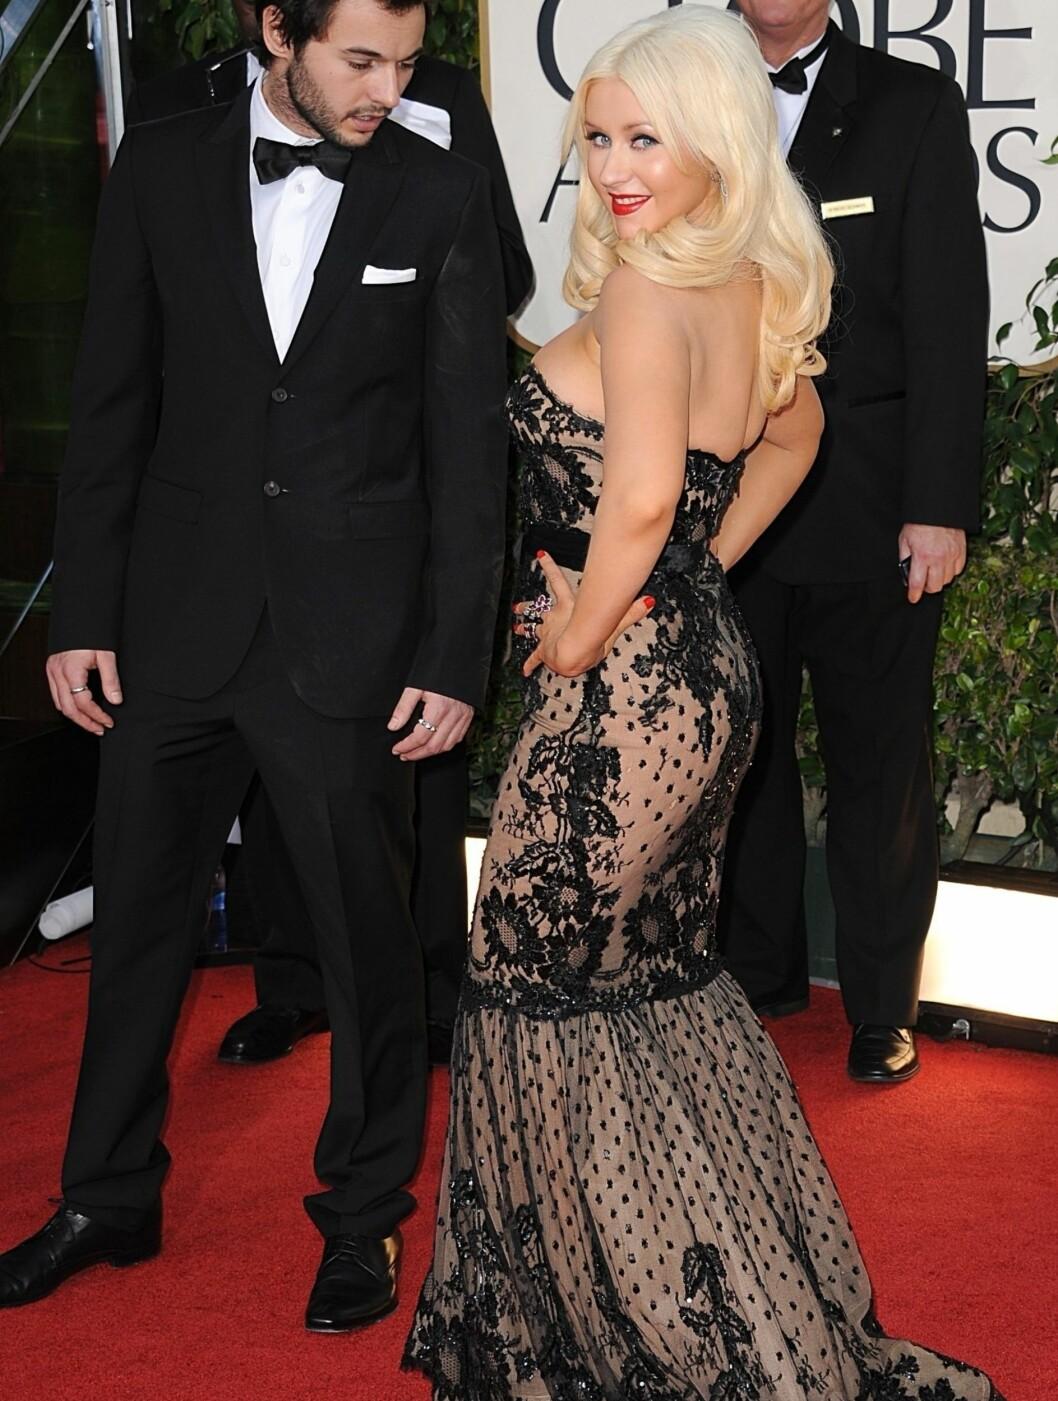 OGSÅ GJENNOMSIKTIG: Aguilera var så tidlig ute som i fjor vinter, med sin gjennomsiktige sorte kjole. Her på Golden Globe Awards i Los Angeles. Foto: Fame Flynet